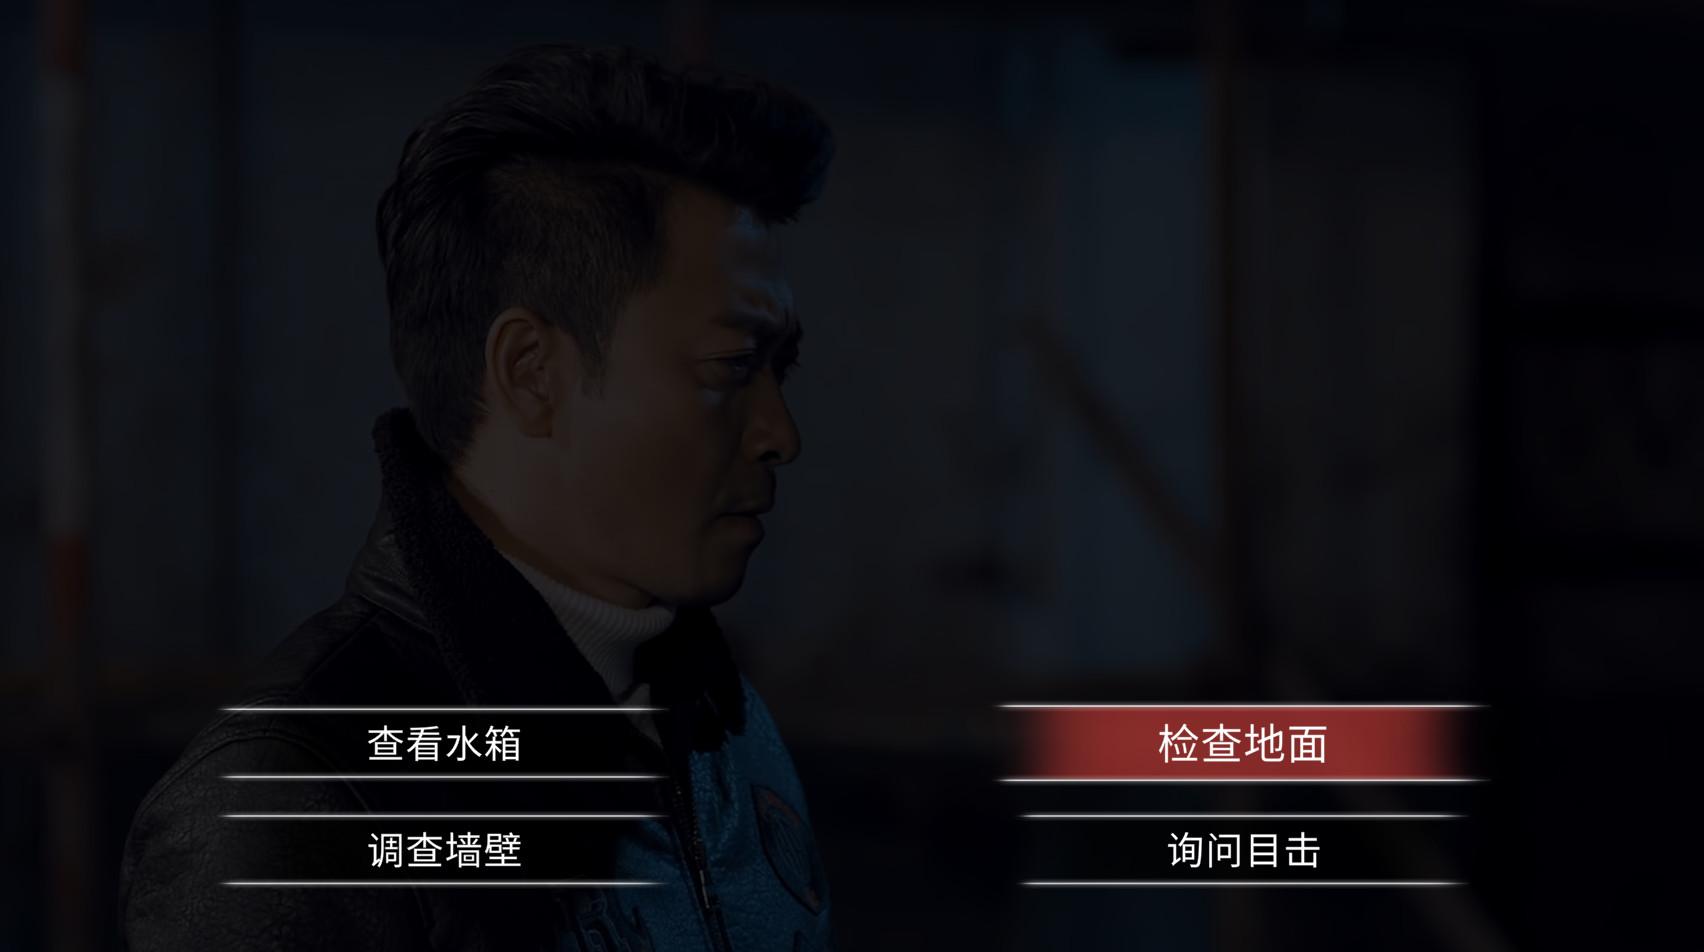 国产影像游戏《审判者》高清重制全章节版将于今日发售